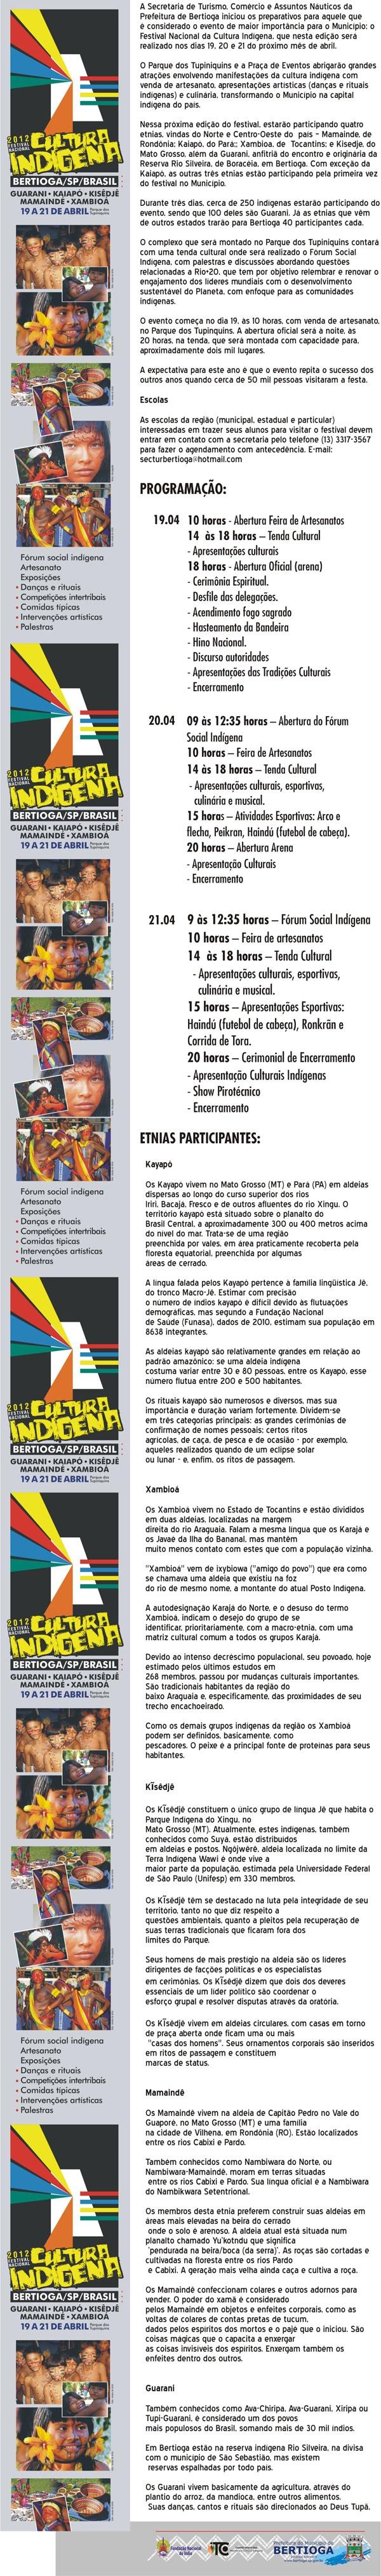 Programação do Festival Nacional da Cultura Indígena 2012 - de 19 a 21 de Abril em Bertioga: Povos Indígenas, Cultura Indígena, Indígena 2012, Festival Nacional